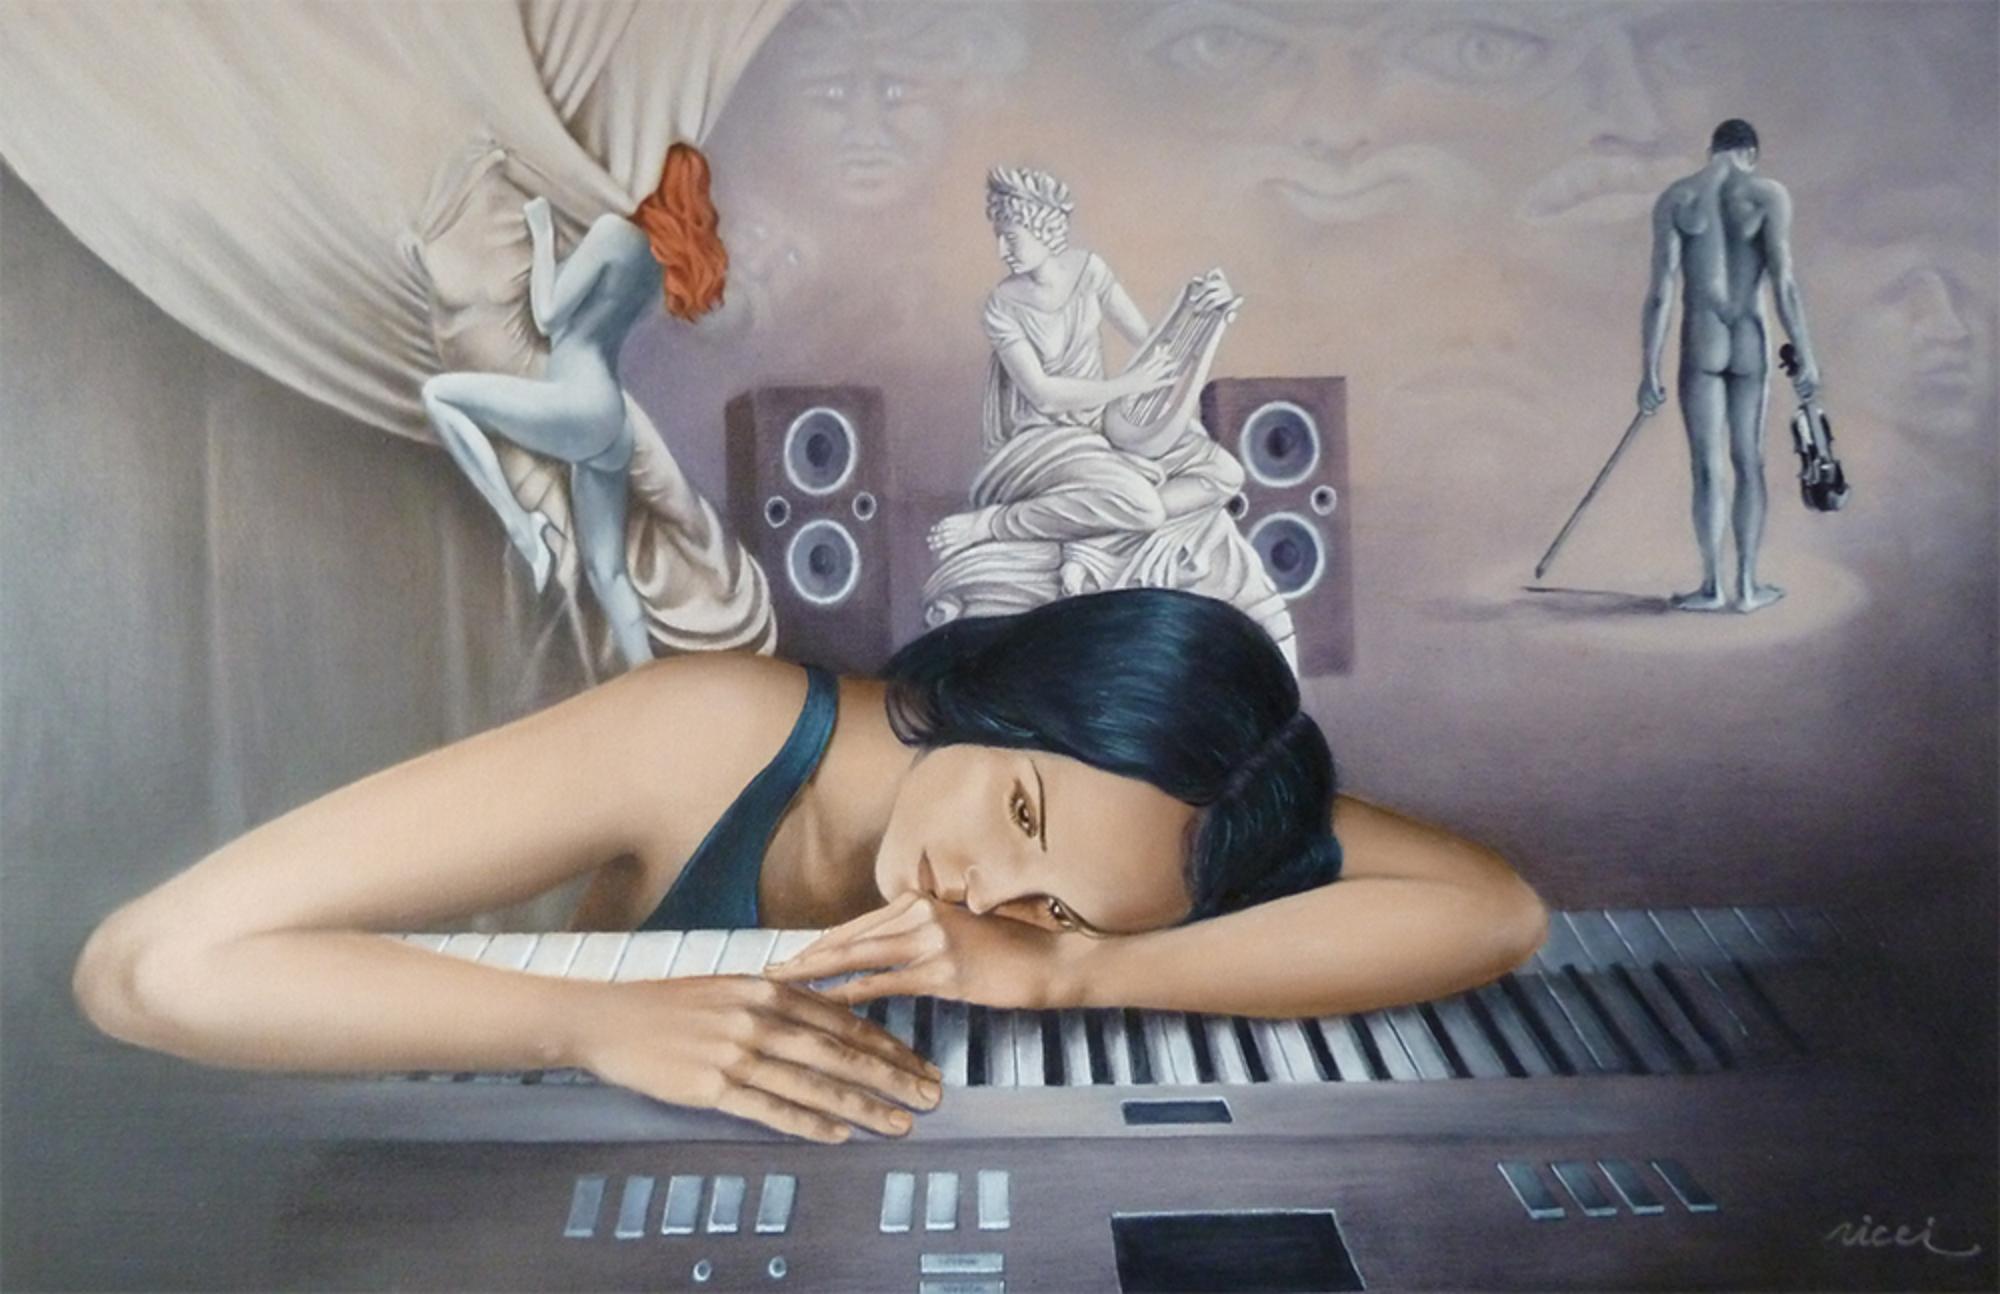 http://martalock.net/wp-content/uploads/2021/09/COPERTINA-ARTICOLOla-musica-e-finita-olio-su-tela-antonio-ricci.jpg